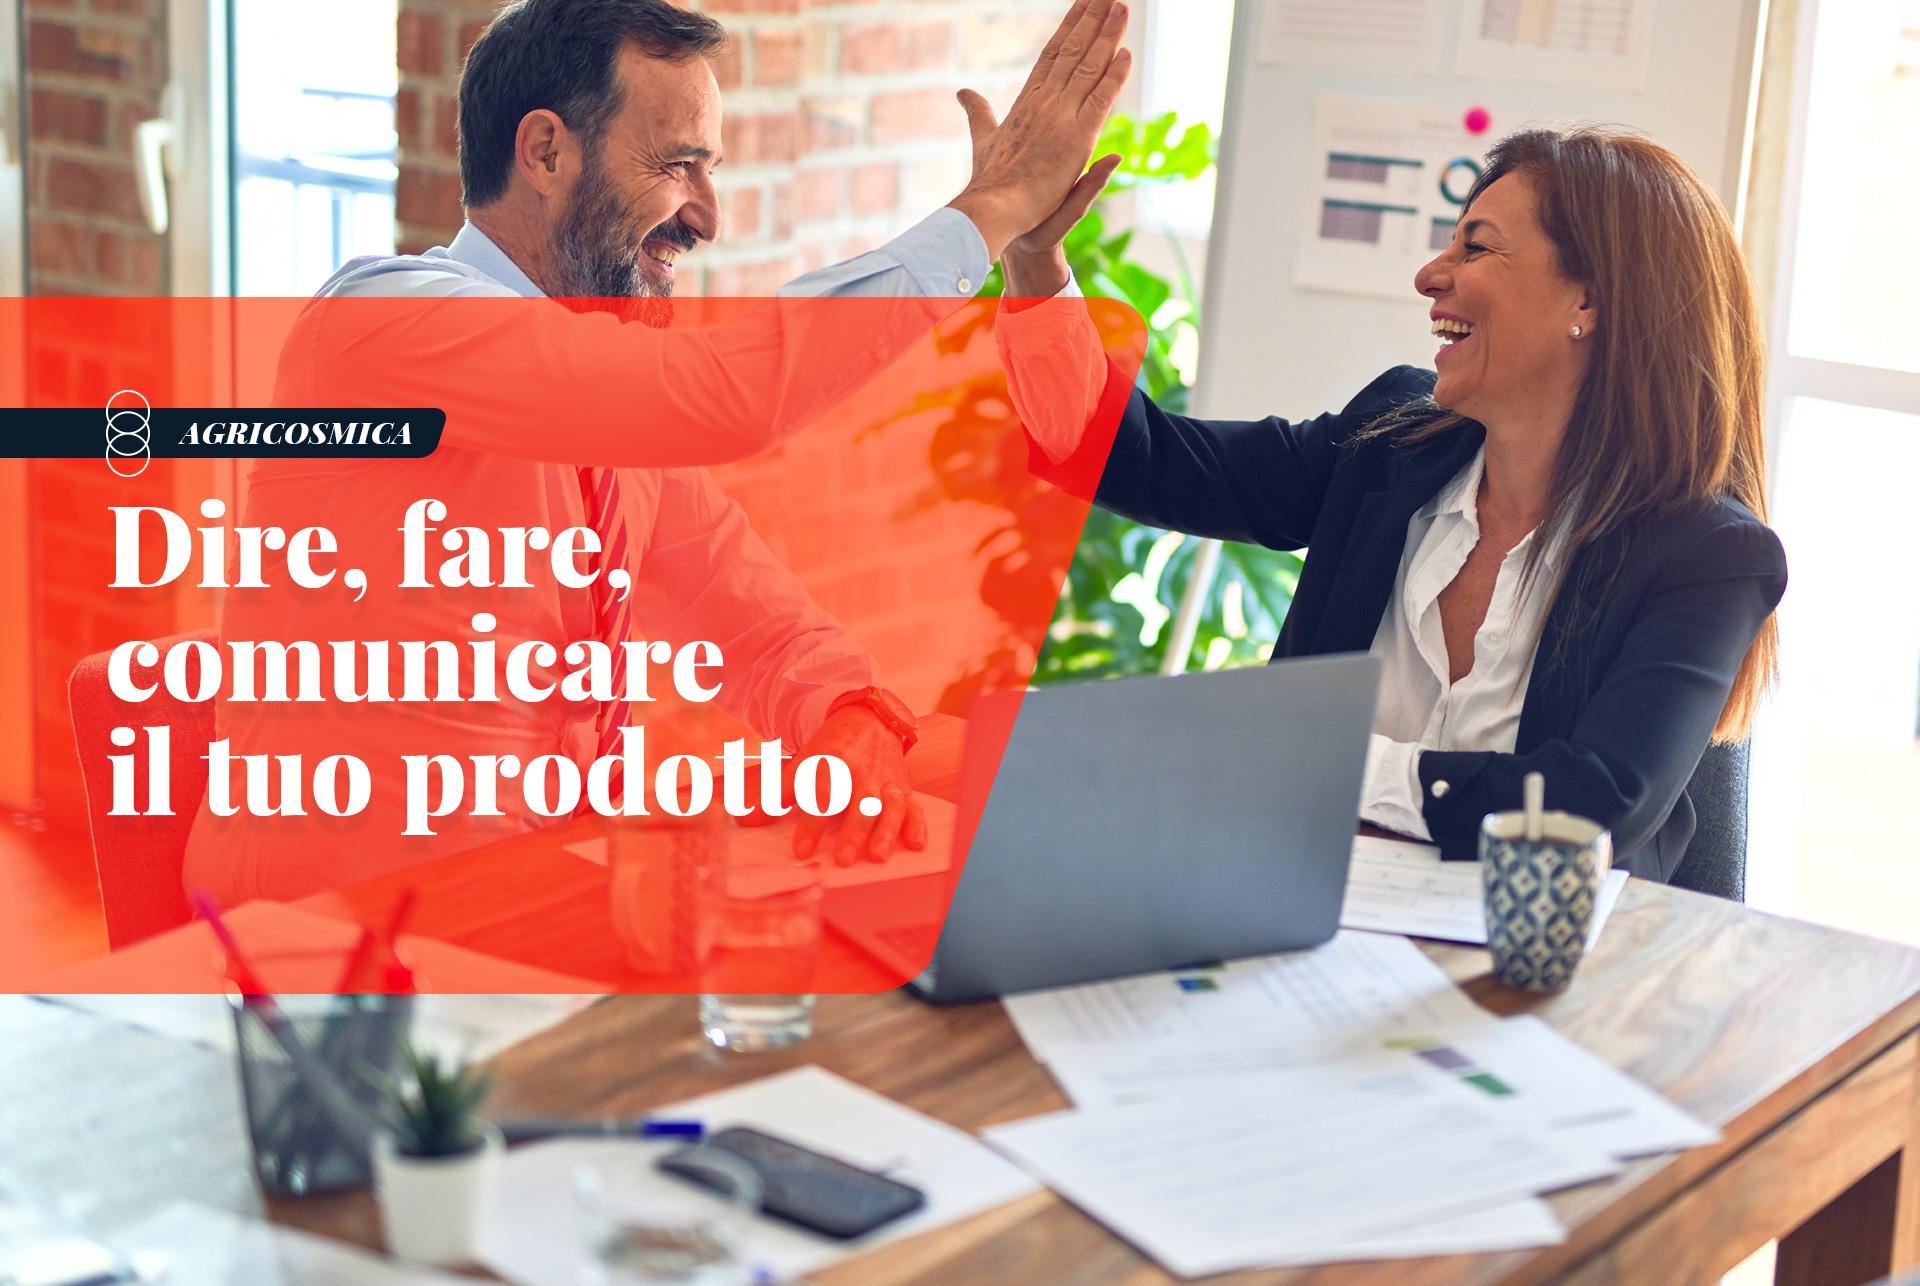 Dire, fare, comunicare: perché è importante valorizzare il tuo prodotto